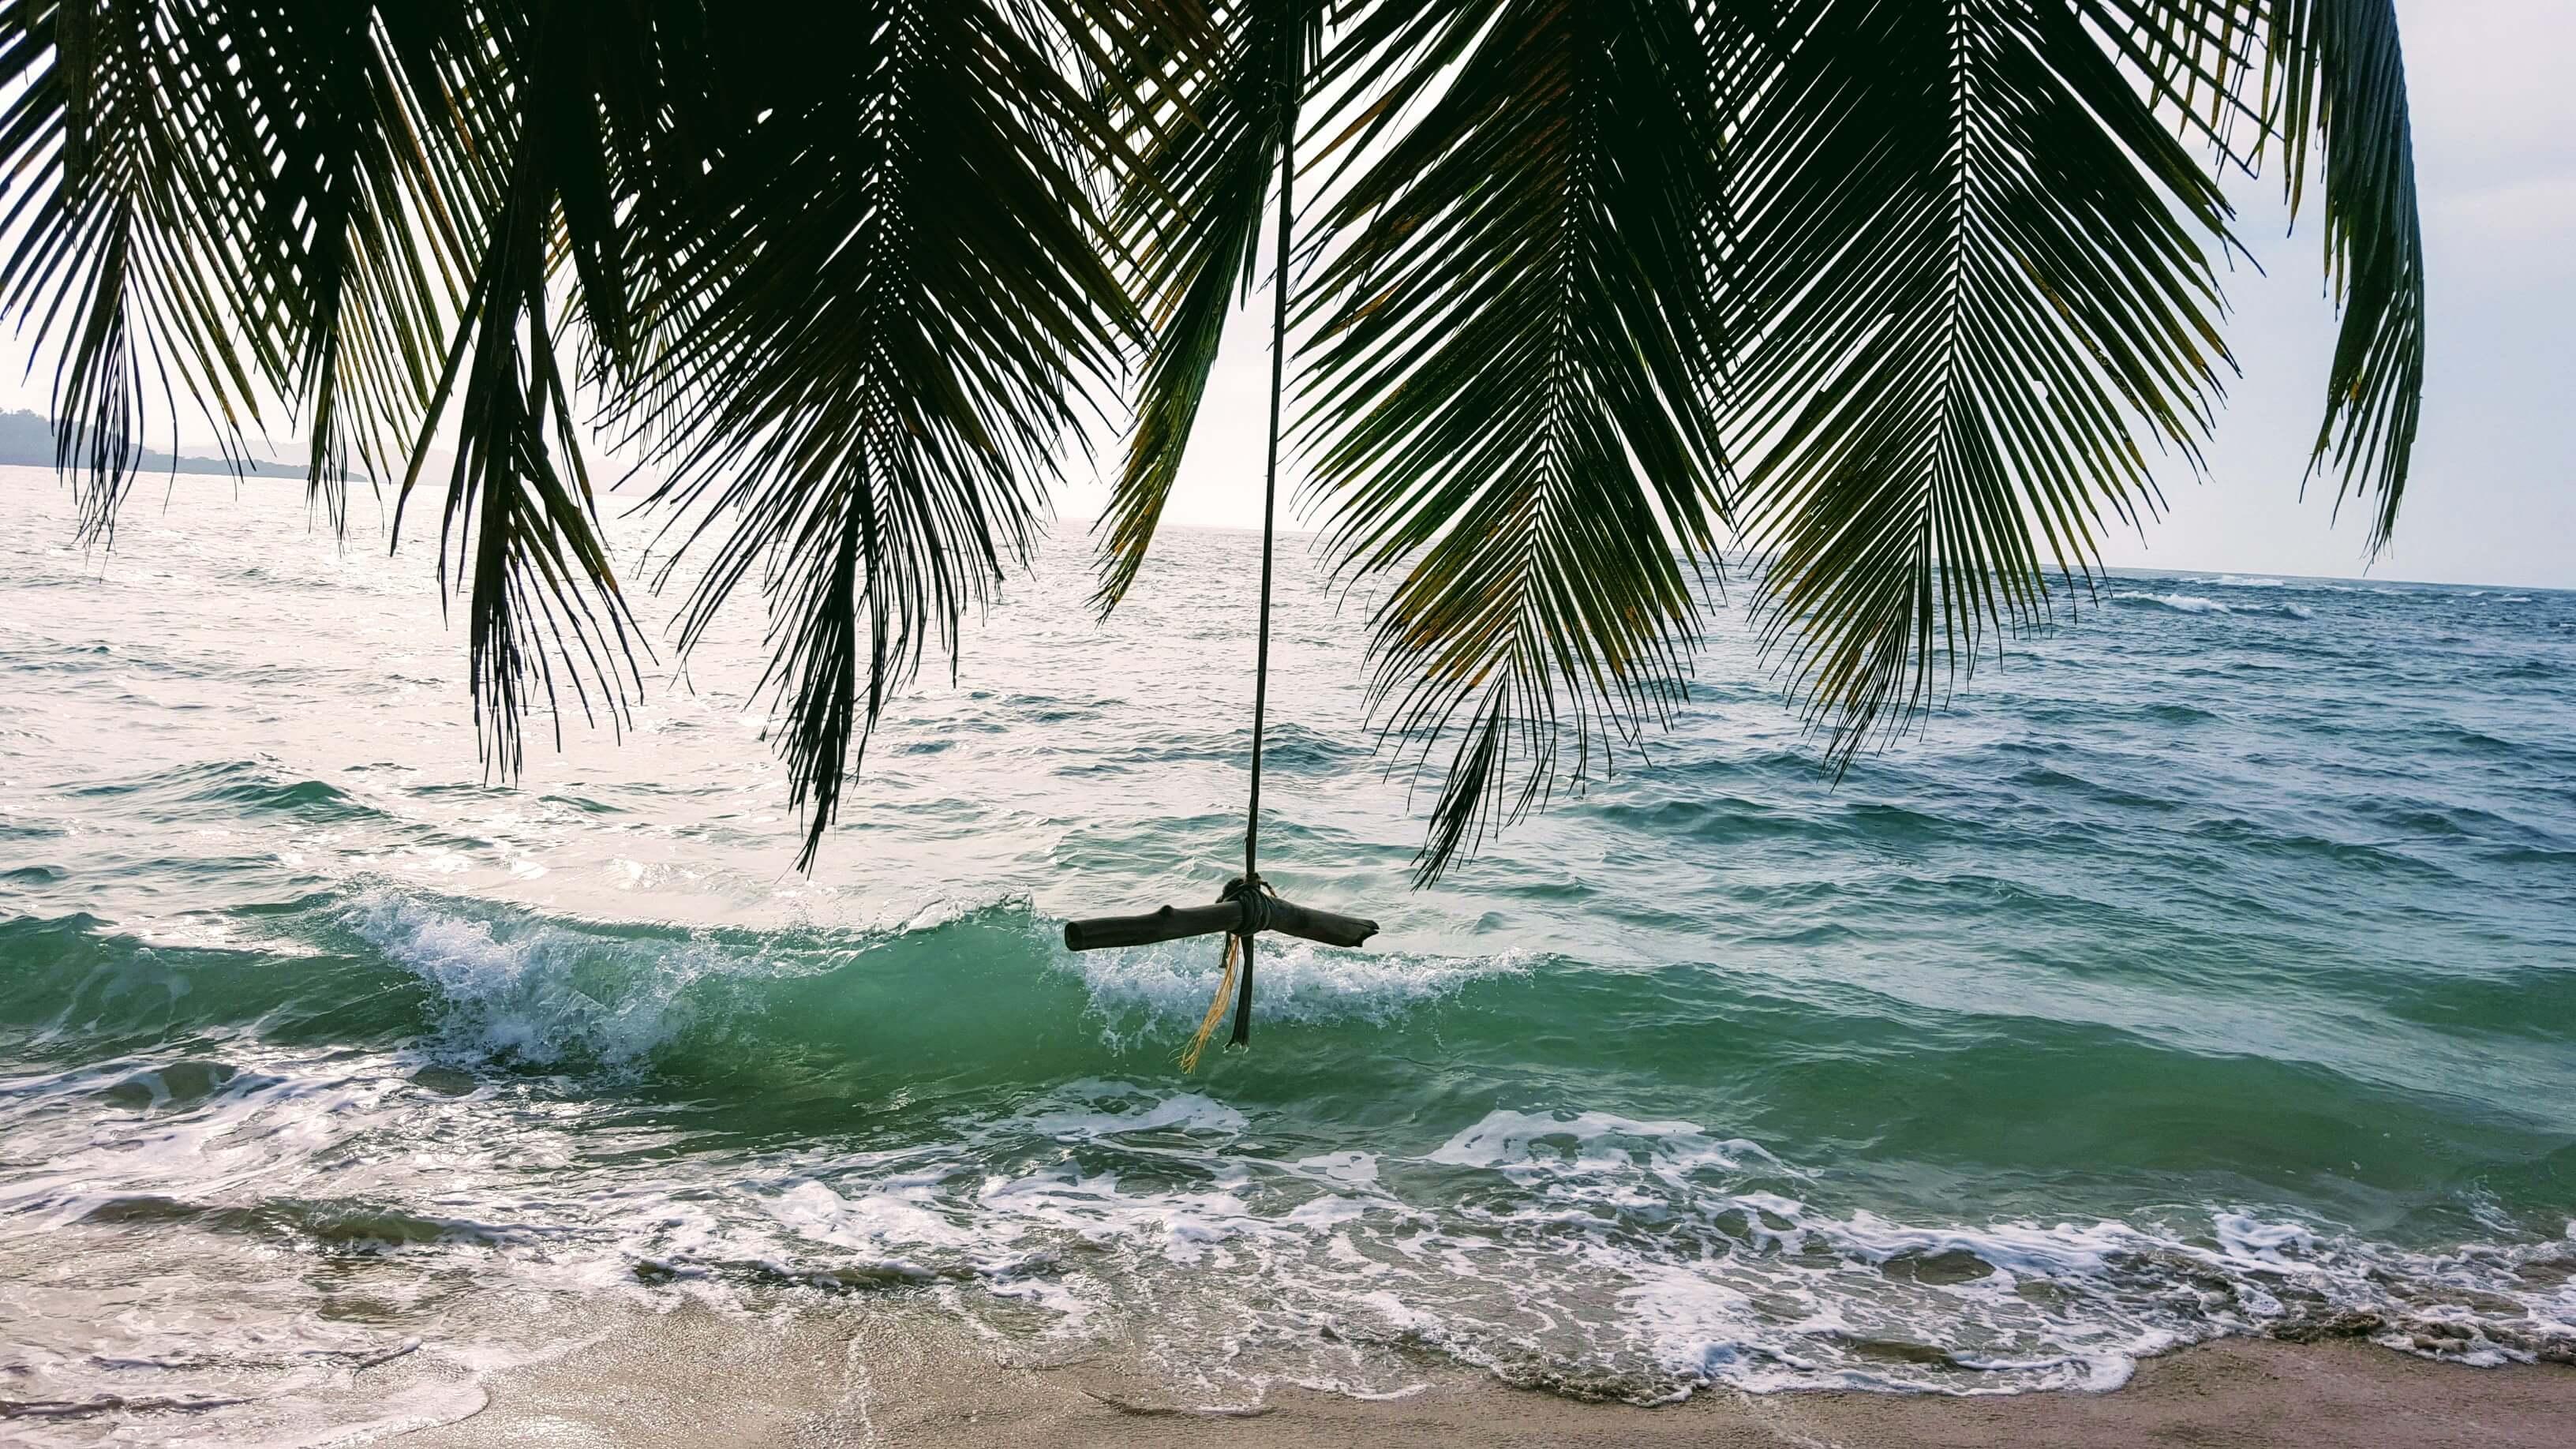 An image of Punta Uva Beach, a great beach near Puerto Viejo